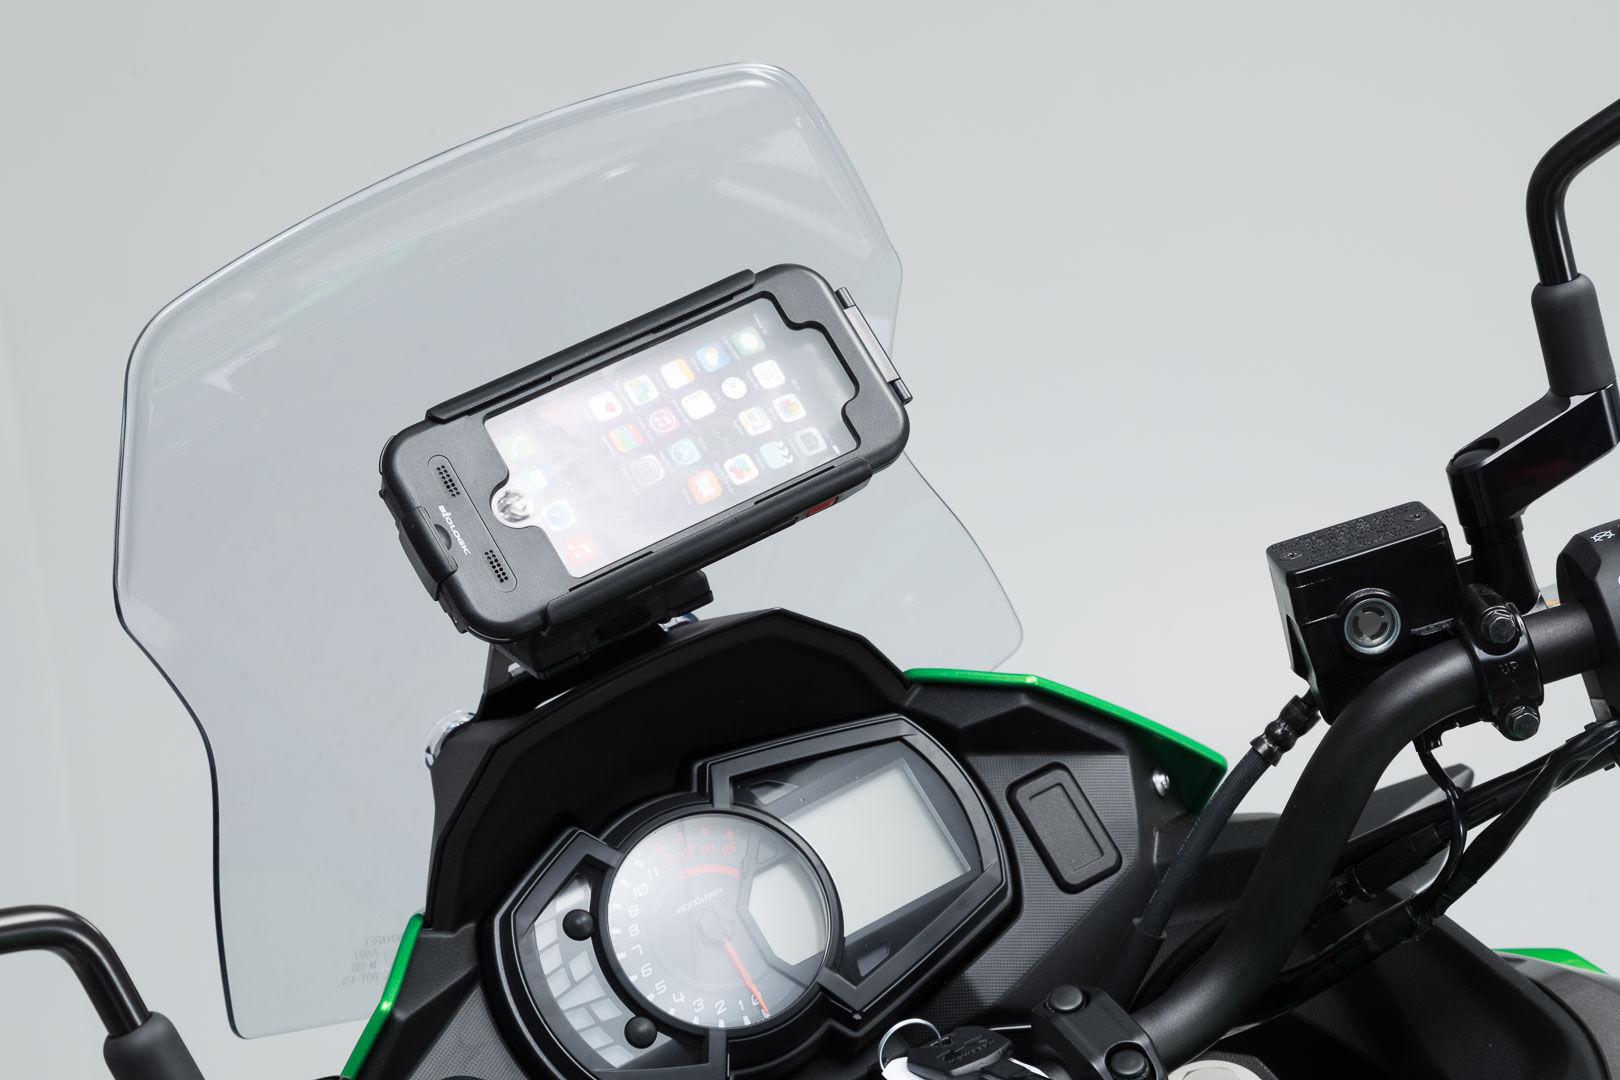 SW-Motech Soporte de GPS cockpit - Negro. Kawasaki Versys-X300 ABS (...